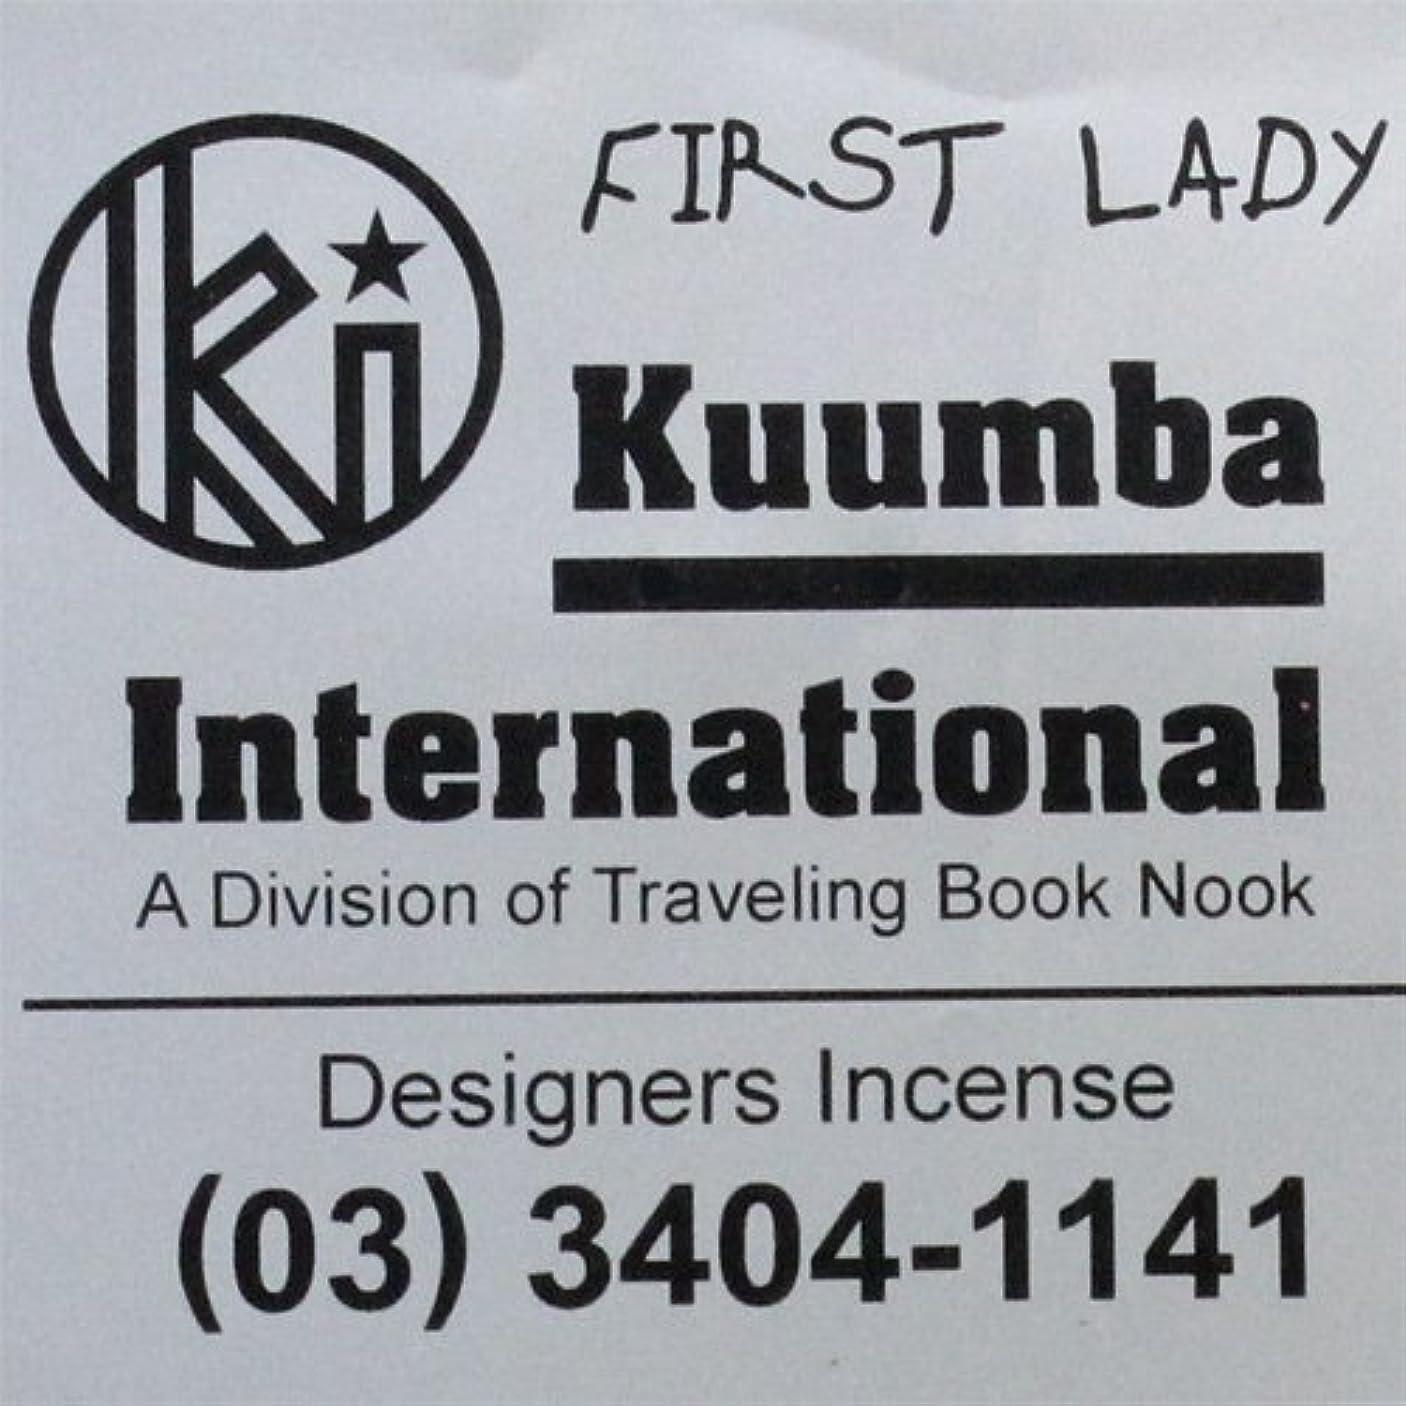 プットヤング逃れるKUUMBA / クンバ『incense』(First Lady) (Regular size)